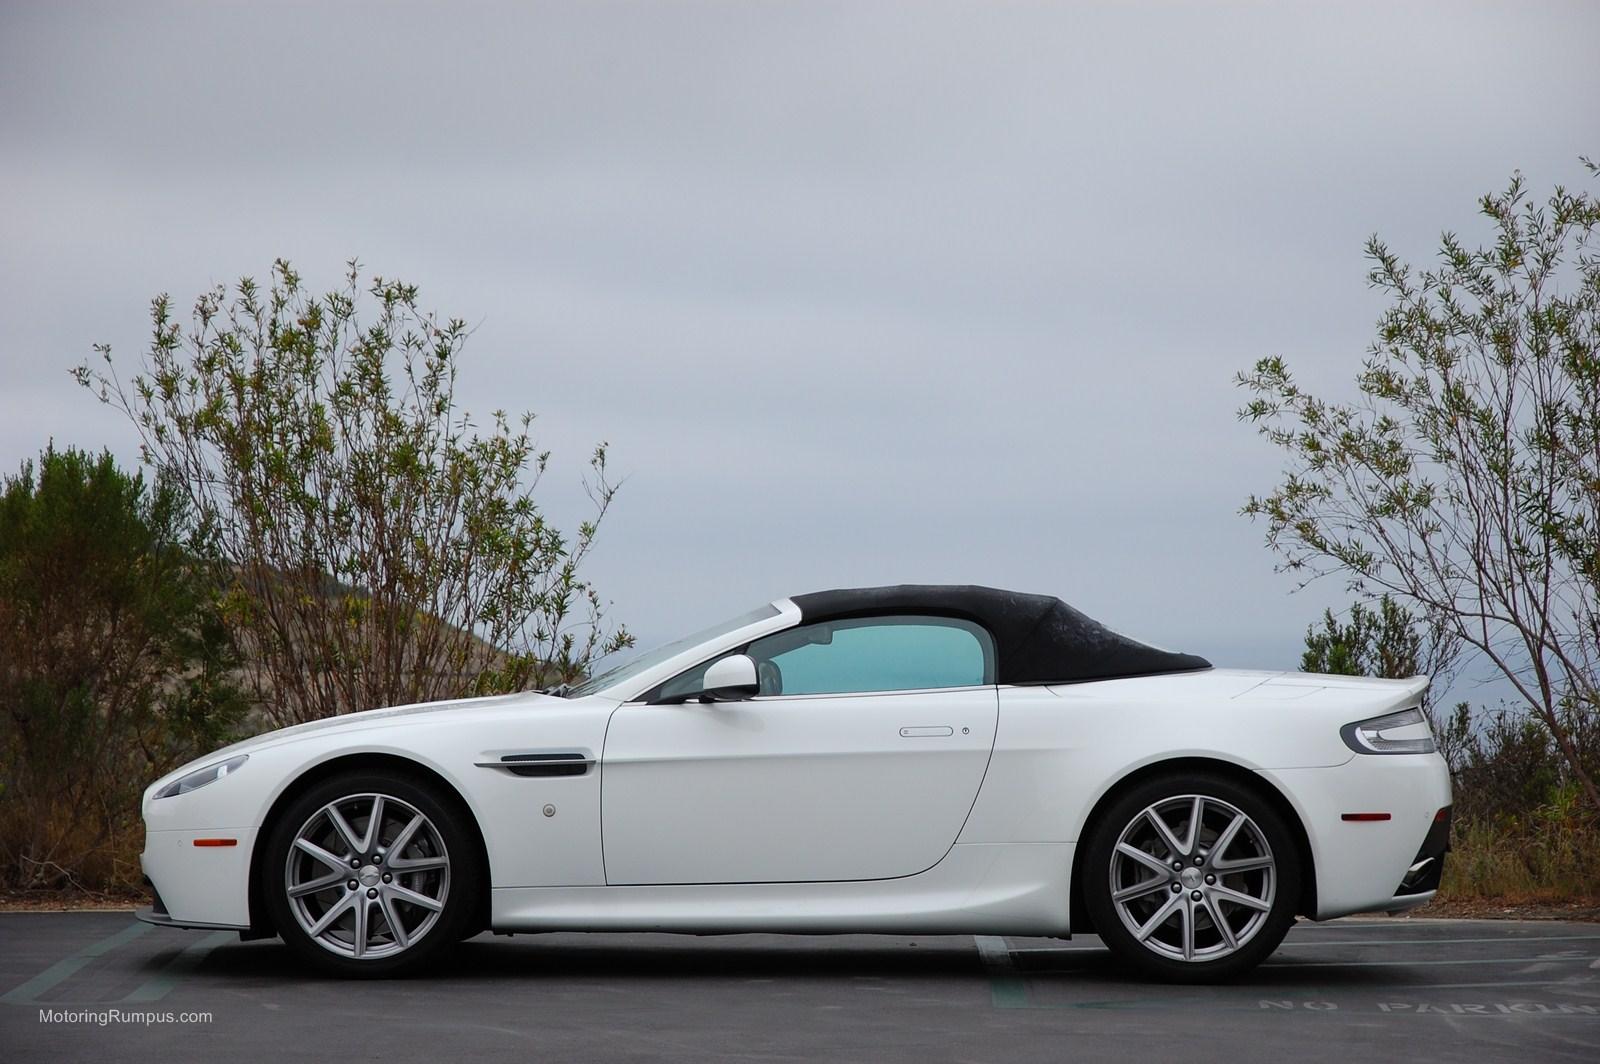 2012 aston martin v8 vantage roadster review motoring rumpus. Black Bedroom Furniture Sets. Home Design Ideas